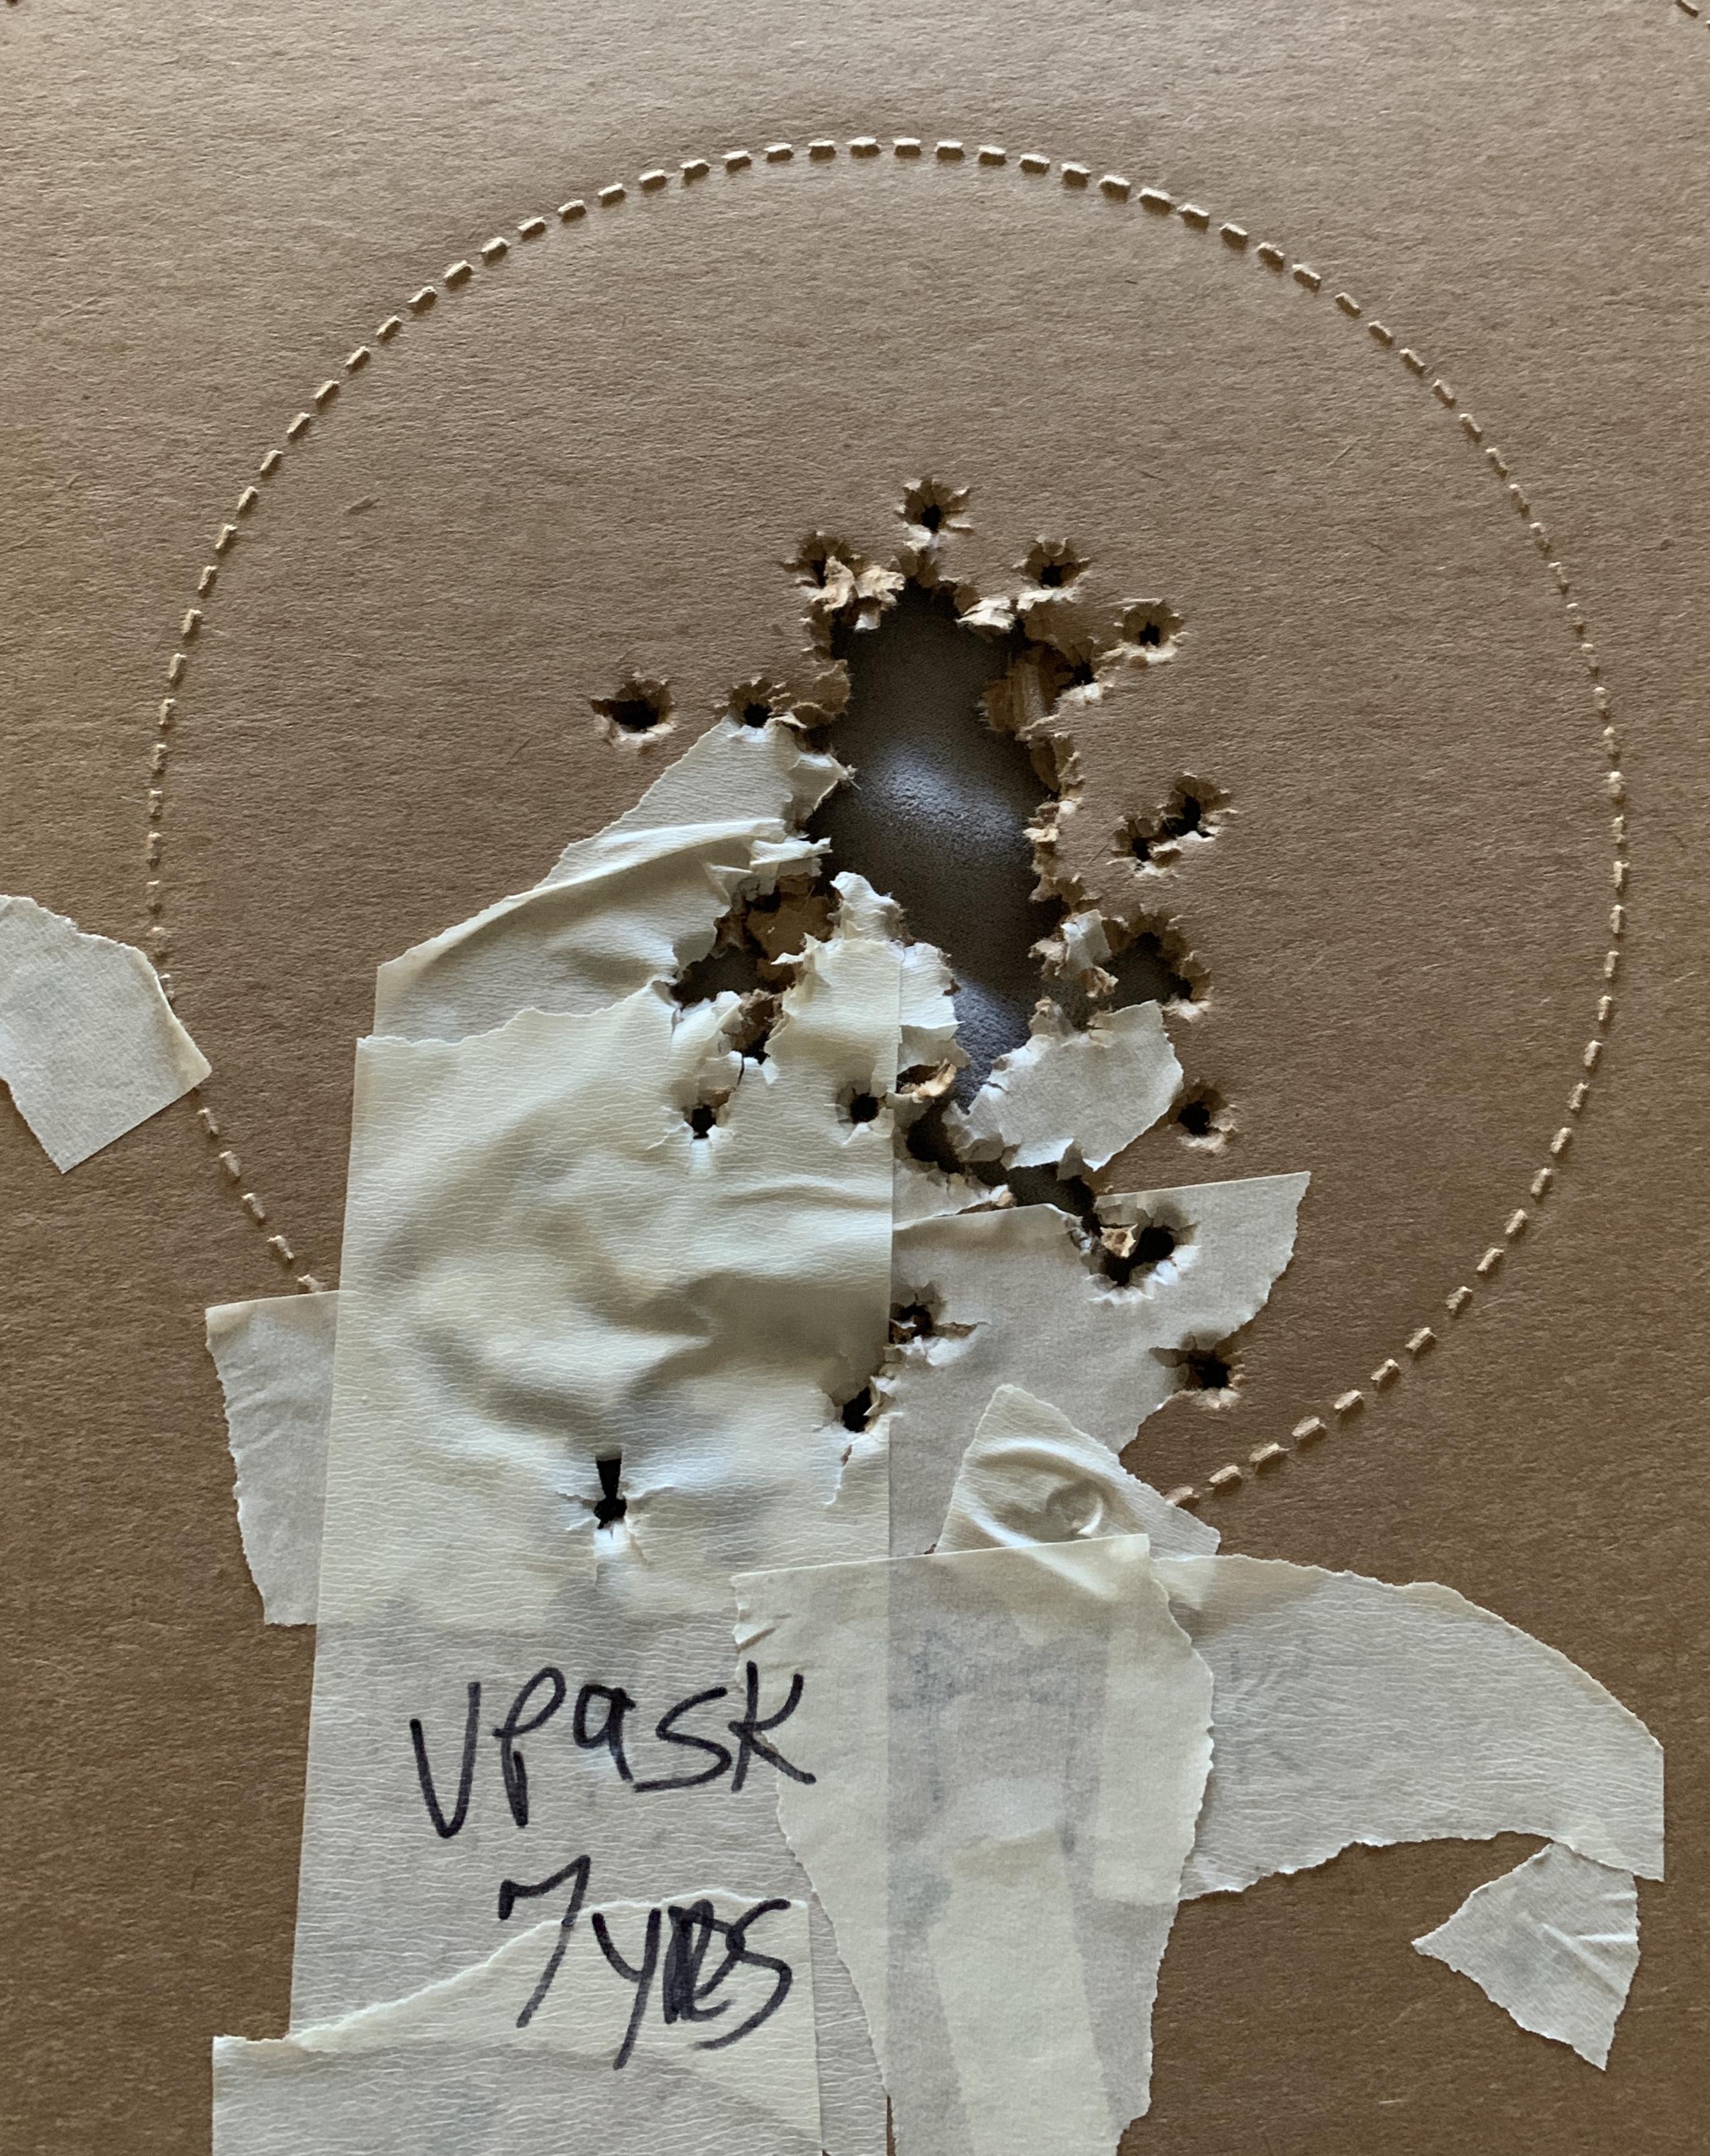 NGD - HK VP9SK LE  - Will it replace my VP9-B-vp9sk-100-rounds.jpg